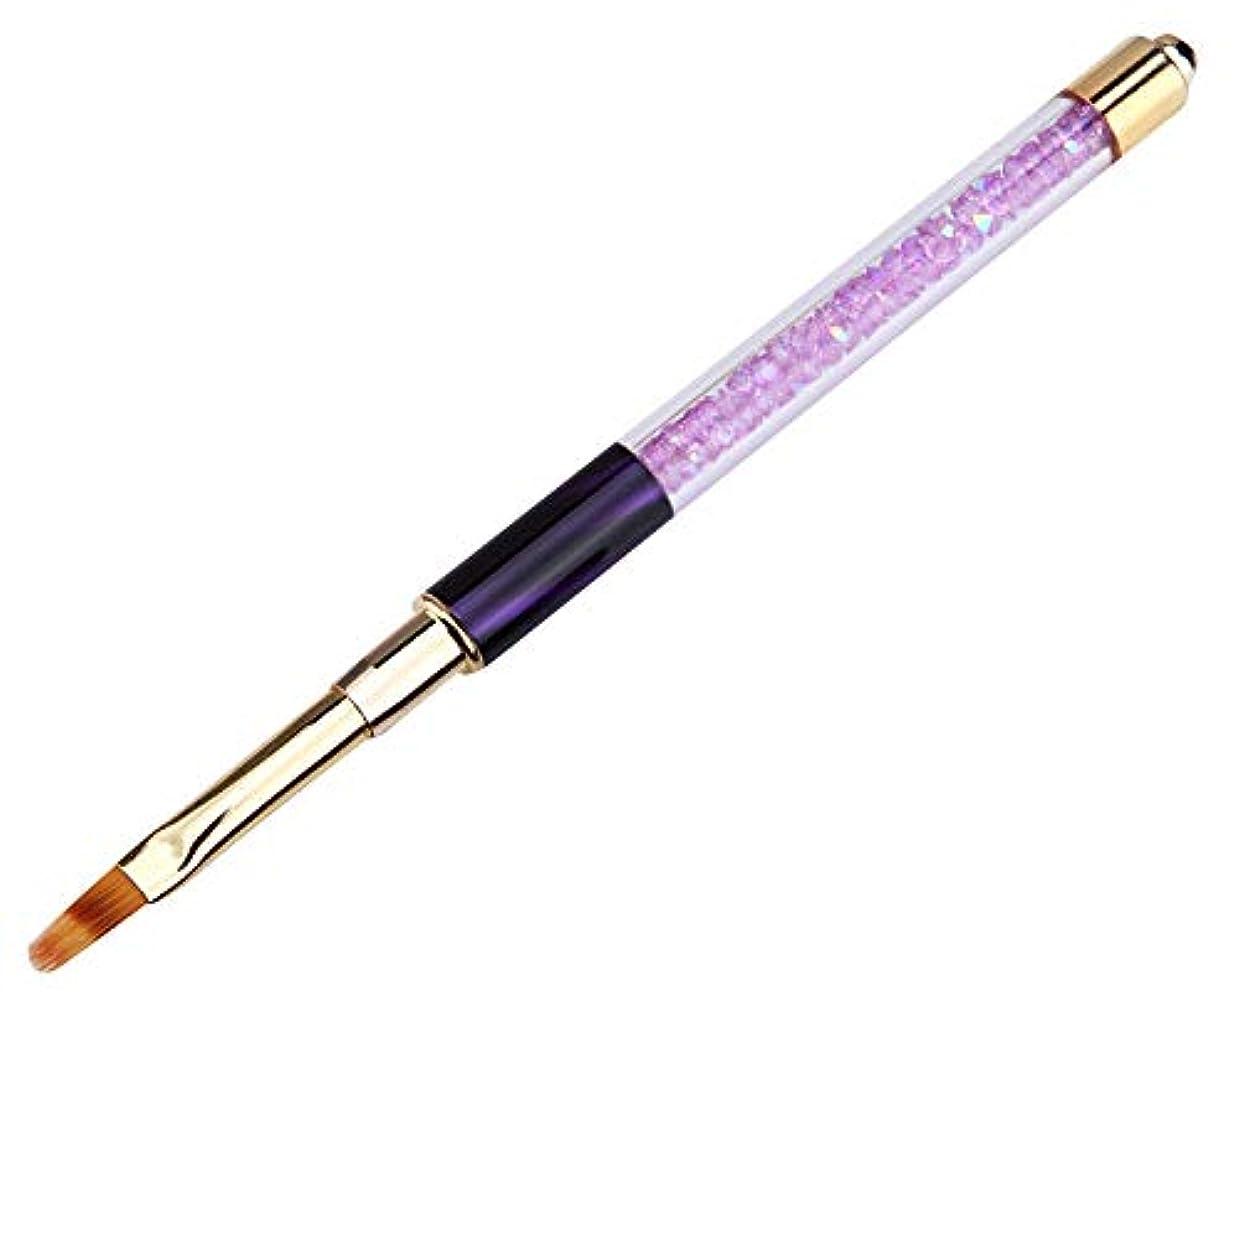 覚醒つまらないパールGaoominy ネイルアートブラシのペン、ラインストーン、キャット?アイ、アクリルのハンドル、彫刻と絵画用、ジェル、ネイルの延長、マニキュア、ライナーのペン、02